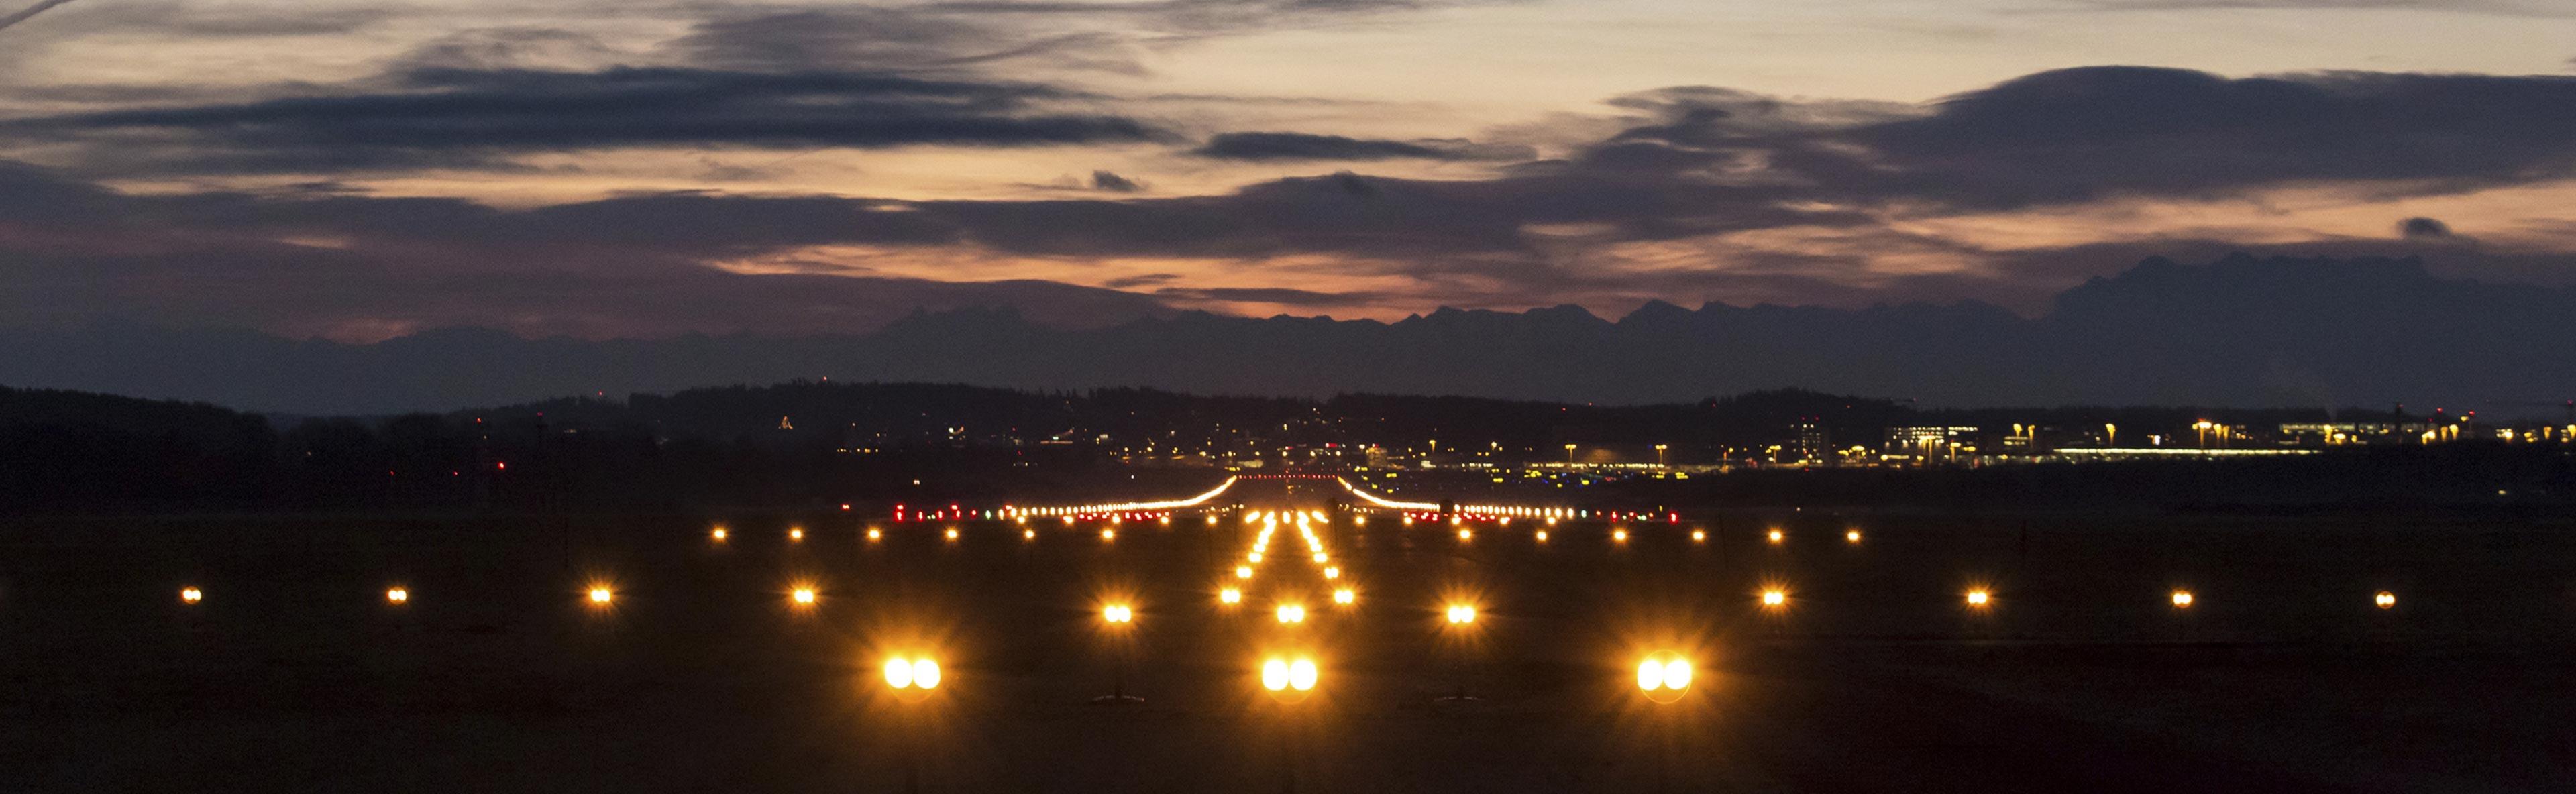 delta-box_balizaje-aeropuerto-y-helipuerto_slider_02